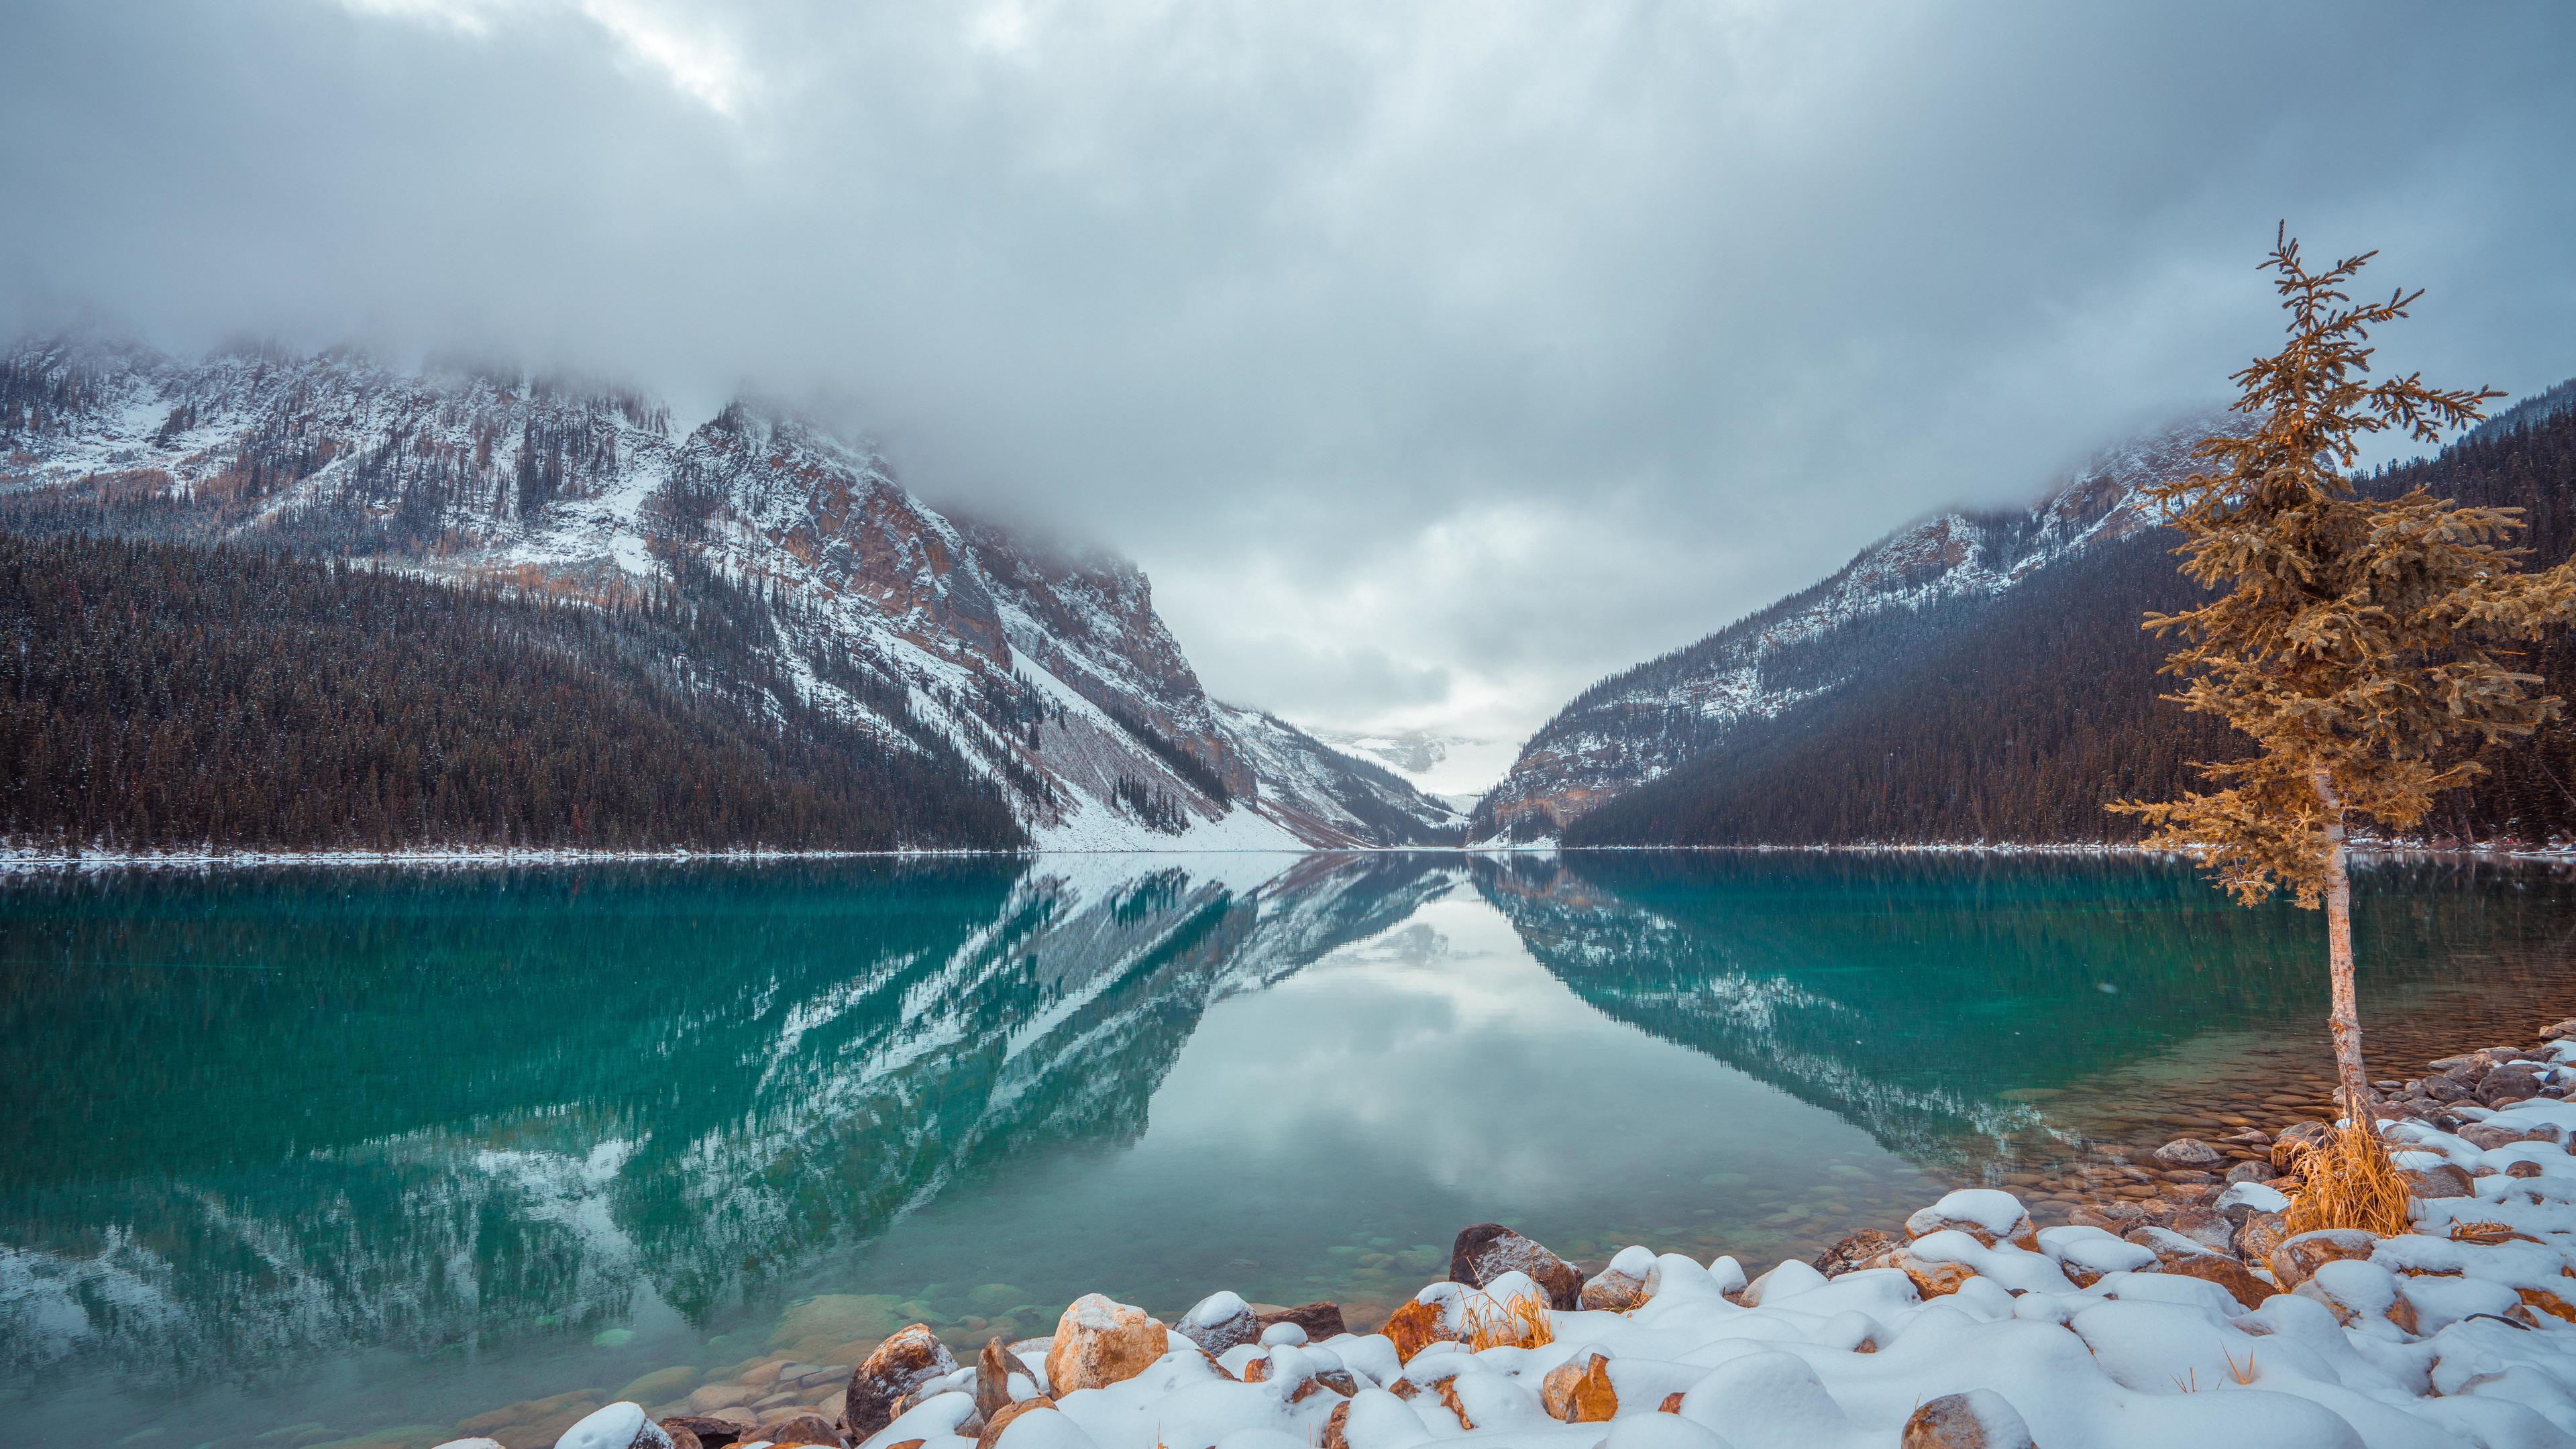 Wallpaper 4k Lake Louise Canada 4k 4k Wallpapers Canada